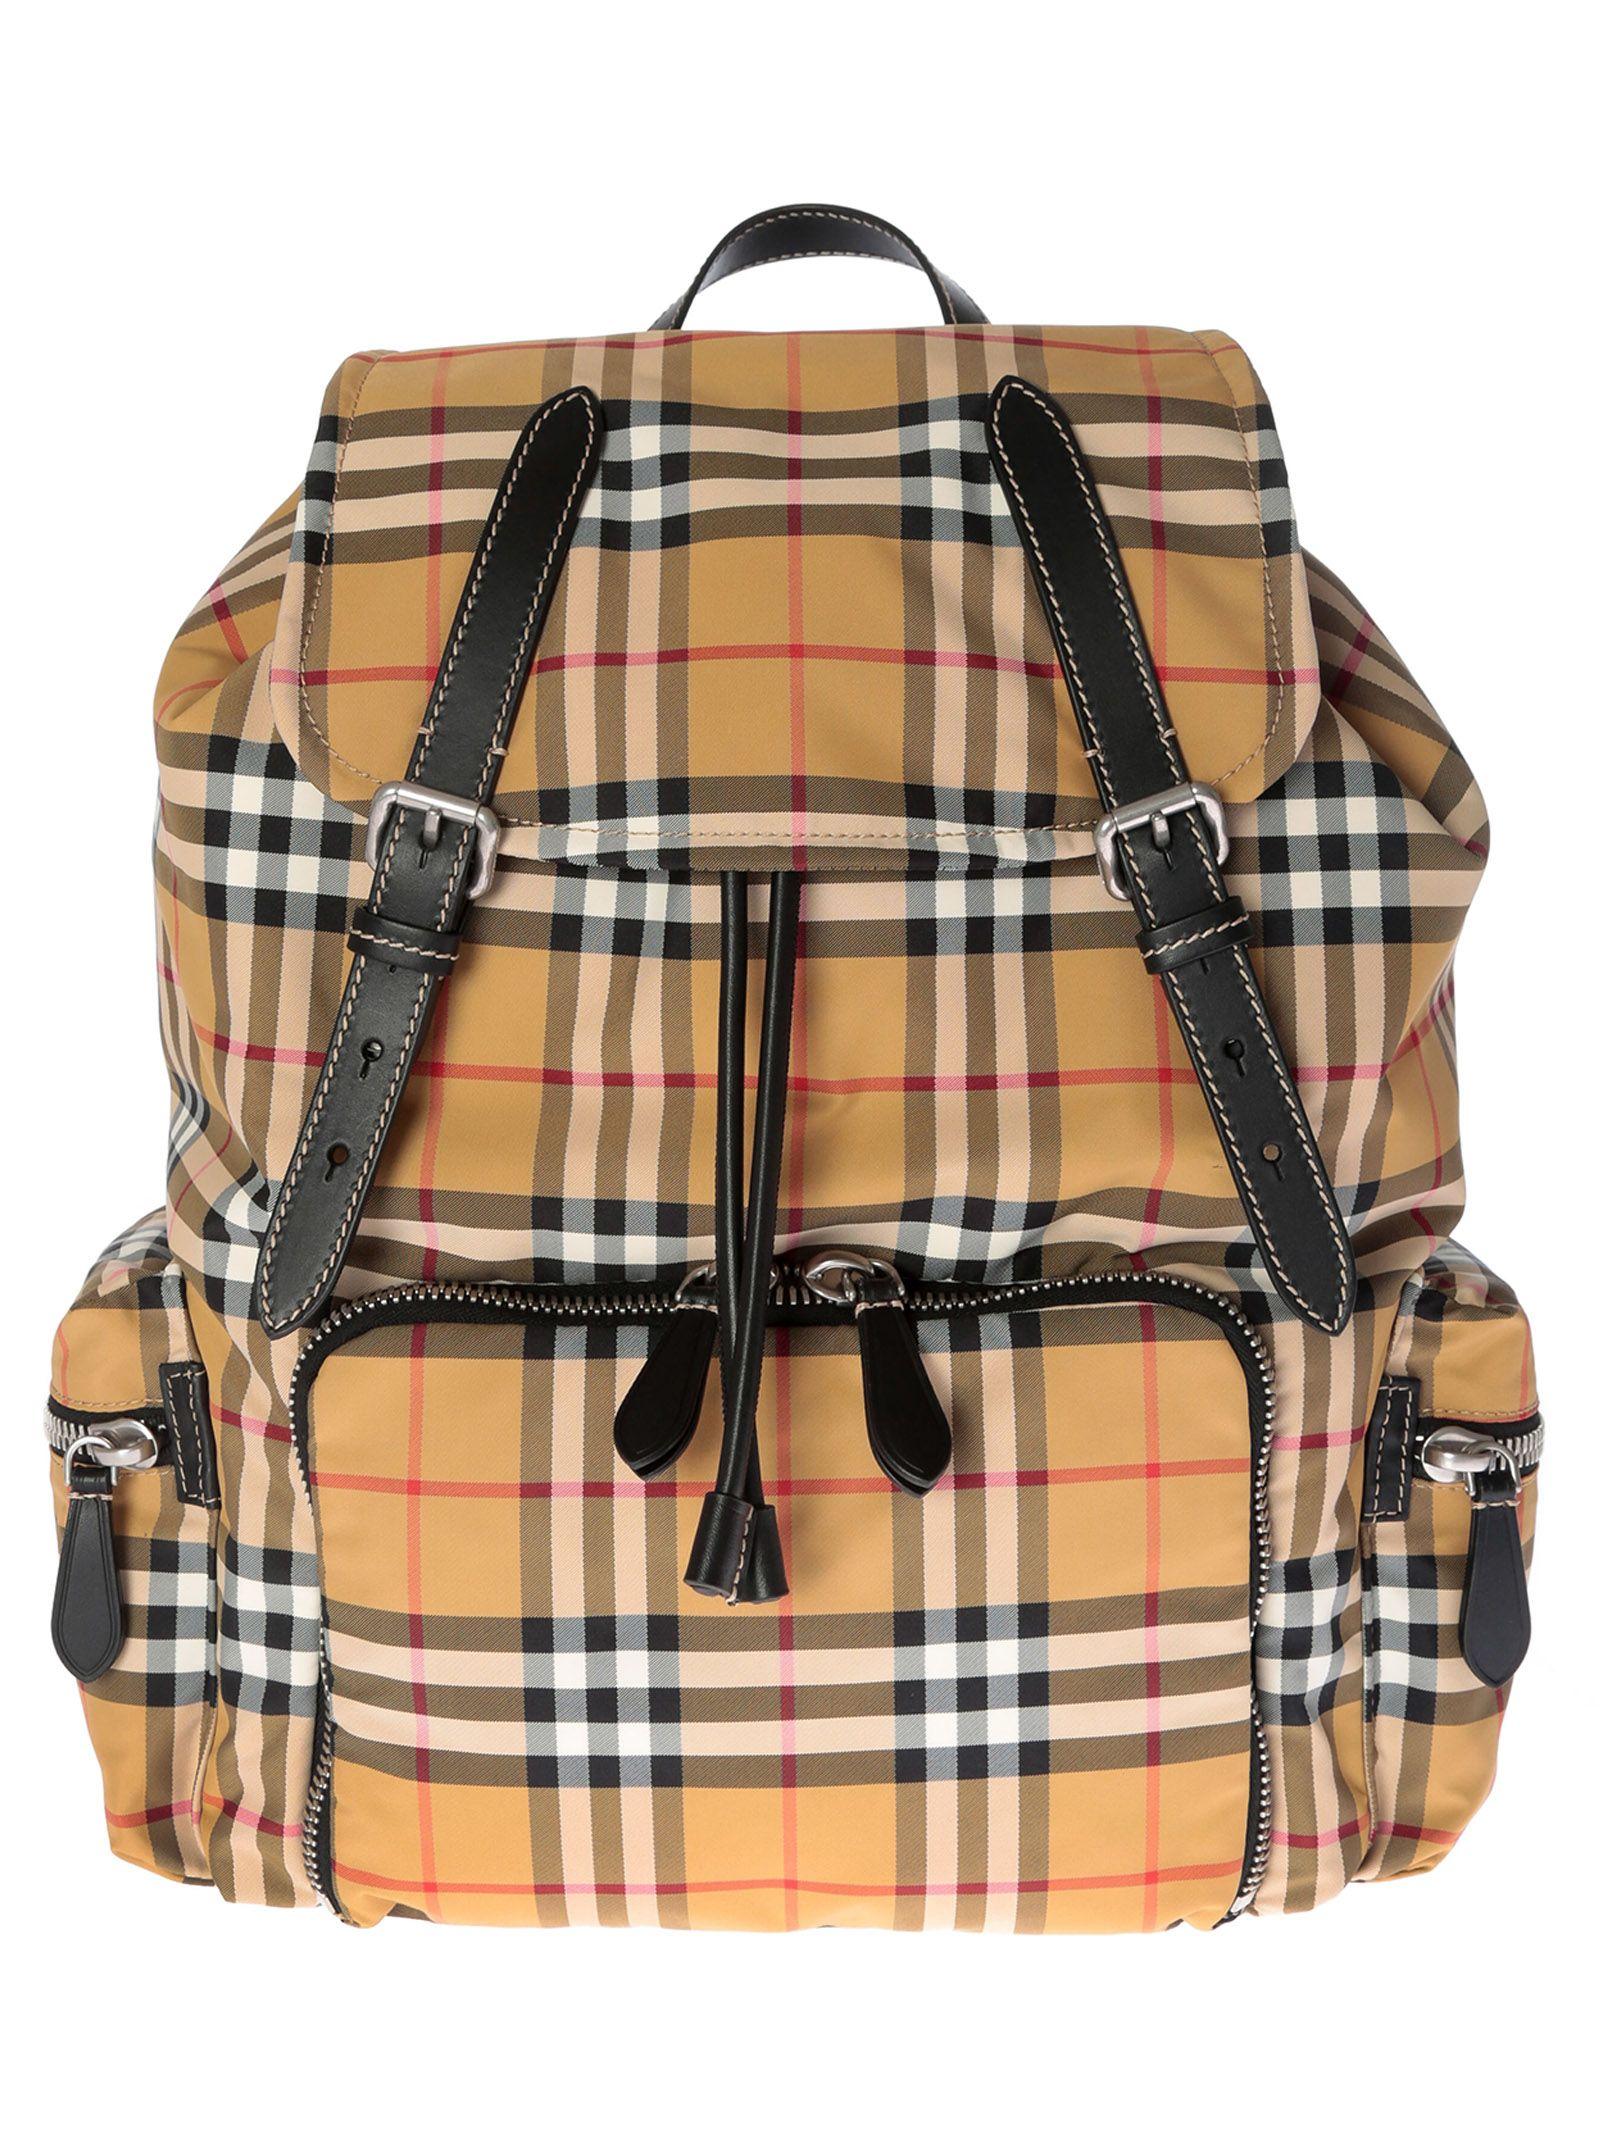 12da212be58e Burberry Burberry Vintage Check Backpack - 10836597